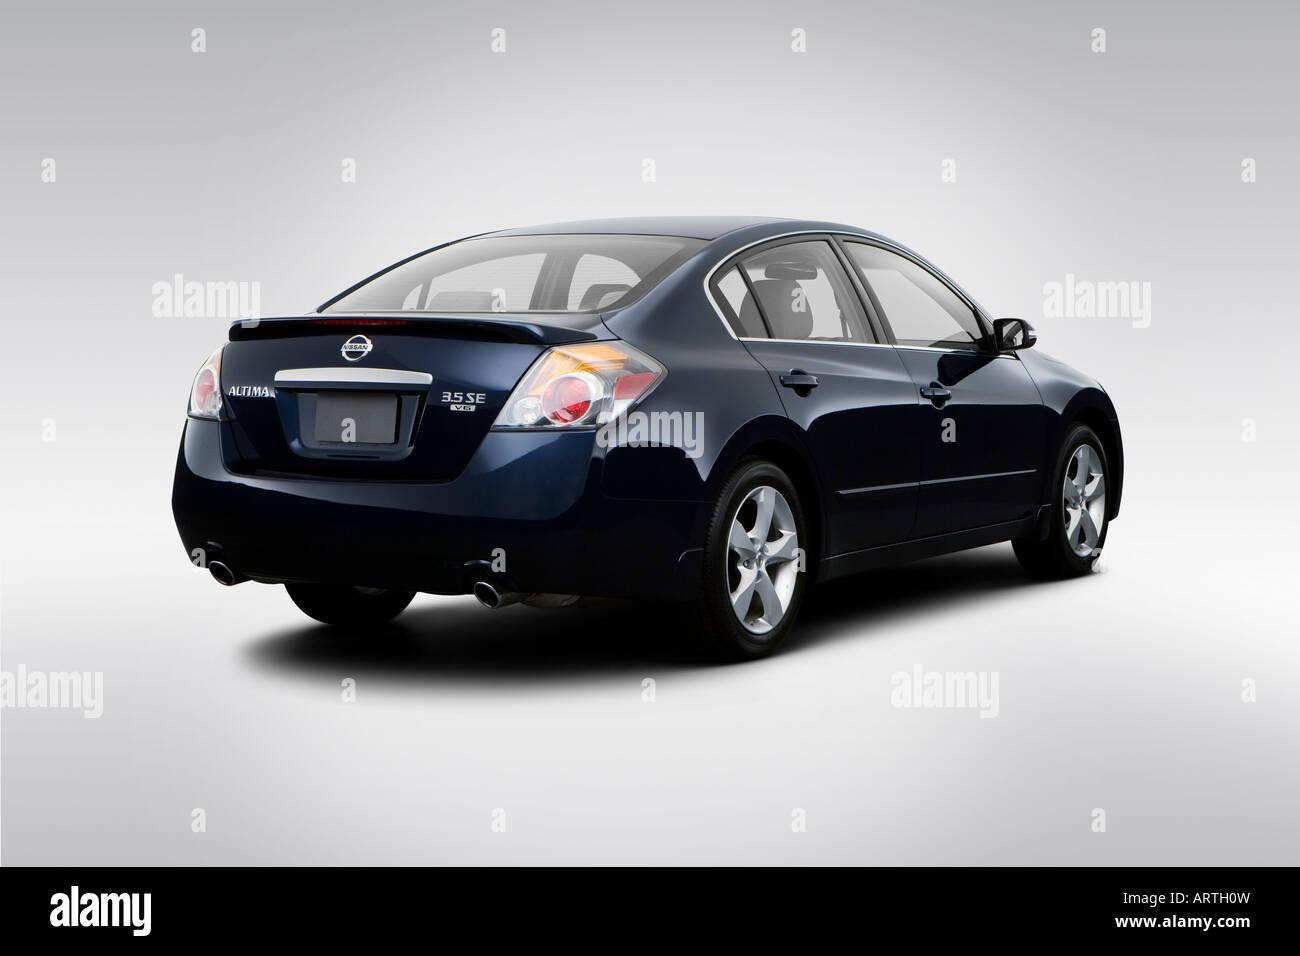 2008 Nissan Altima 3.5 SE Em Azul   Visão De ângulo Traseiro